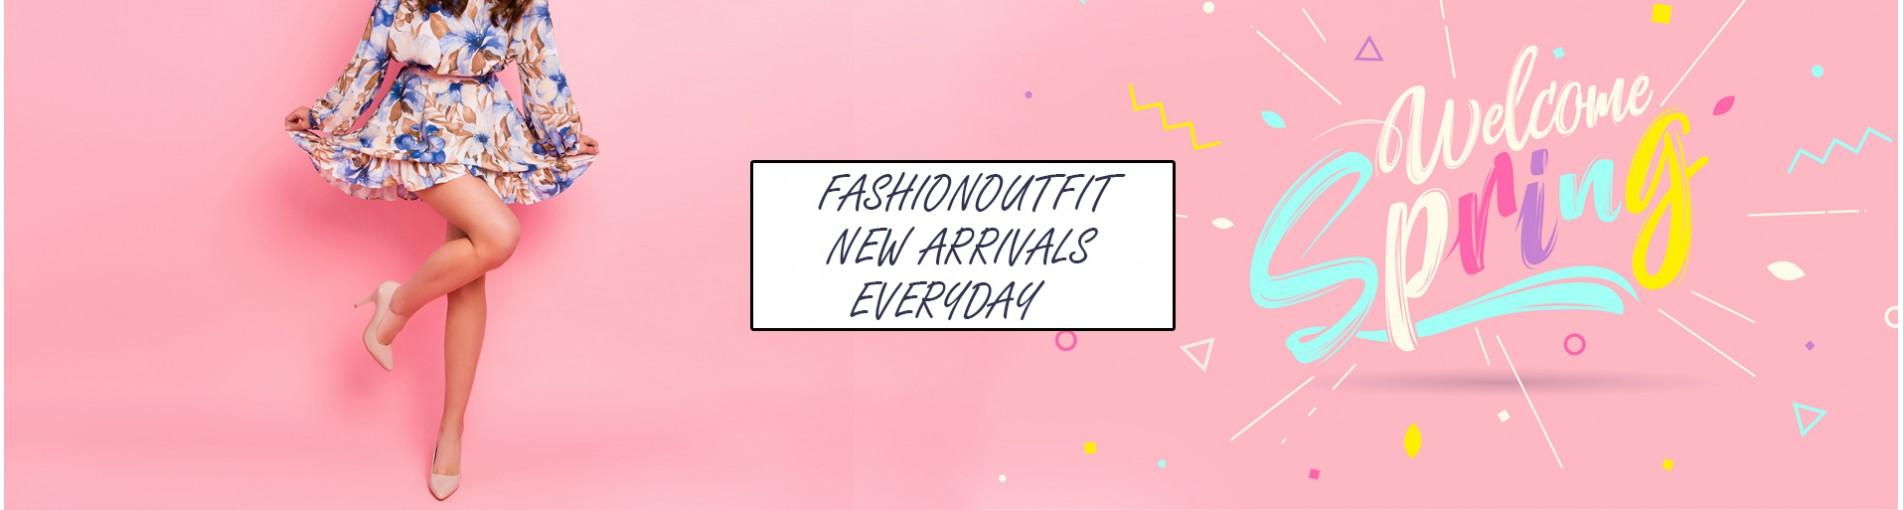 fashionoutfit